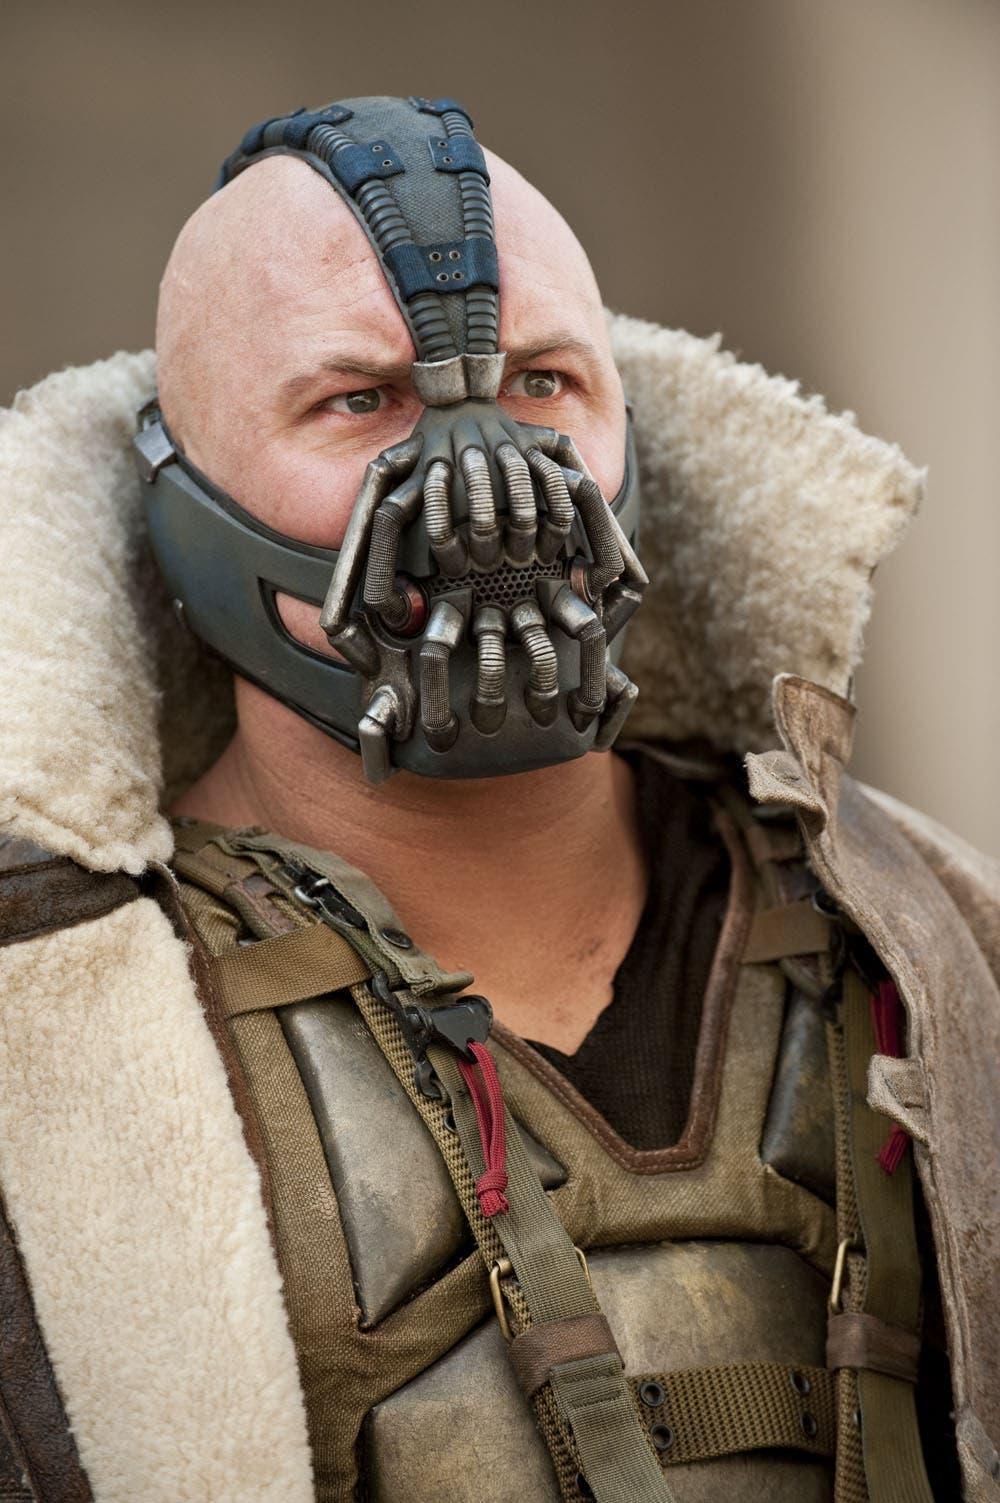 Nueva imagen de Tom Hardy como BANE en The Dark Knight Rises